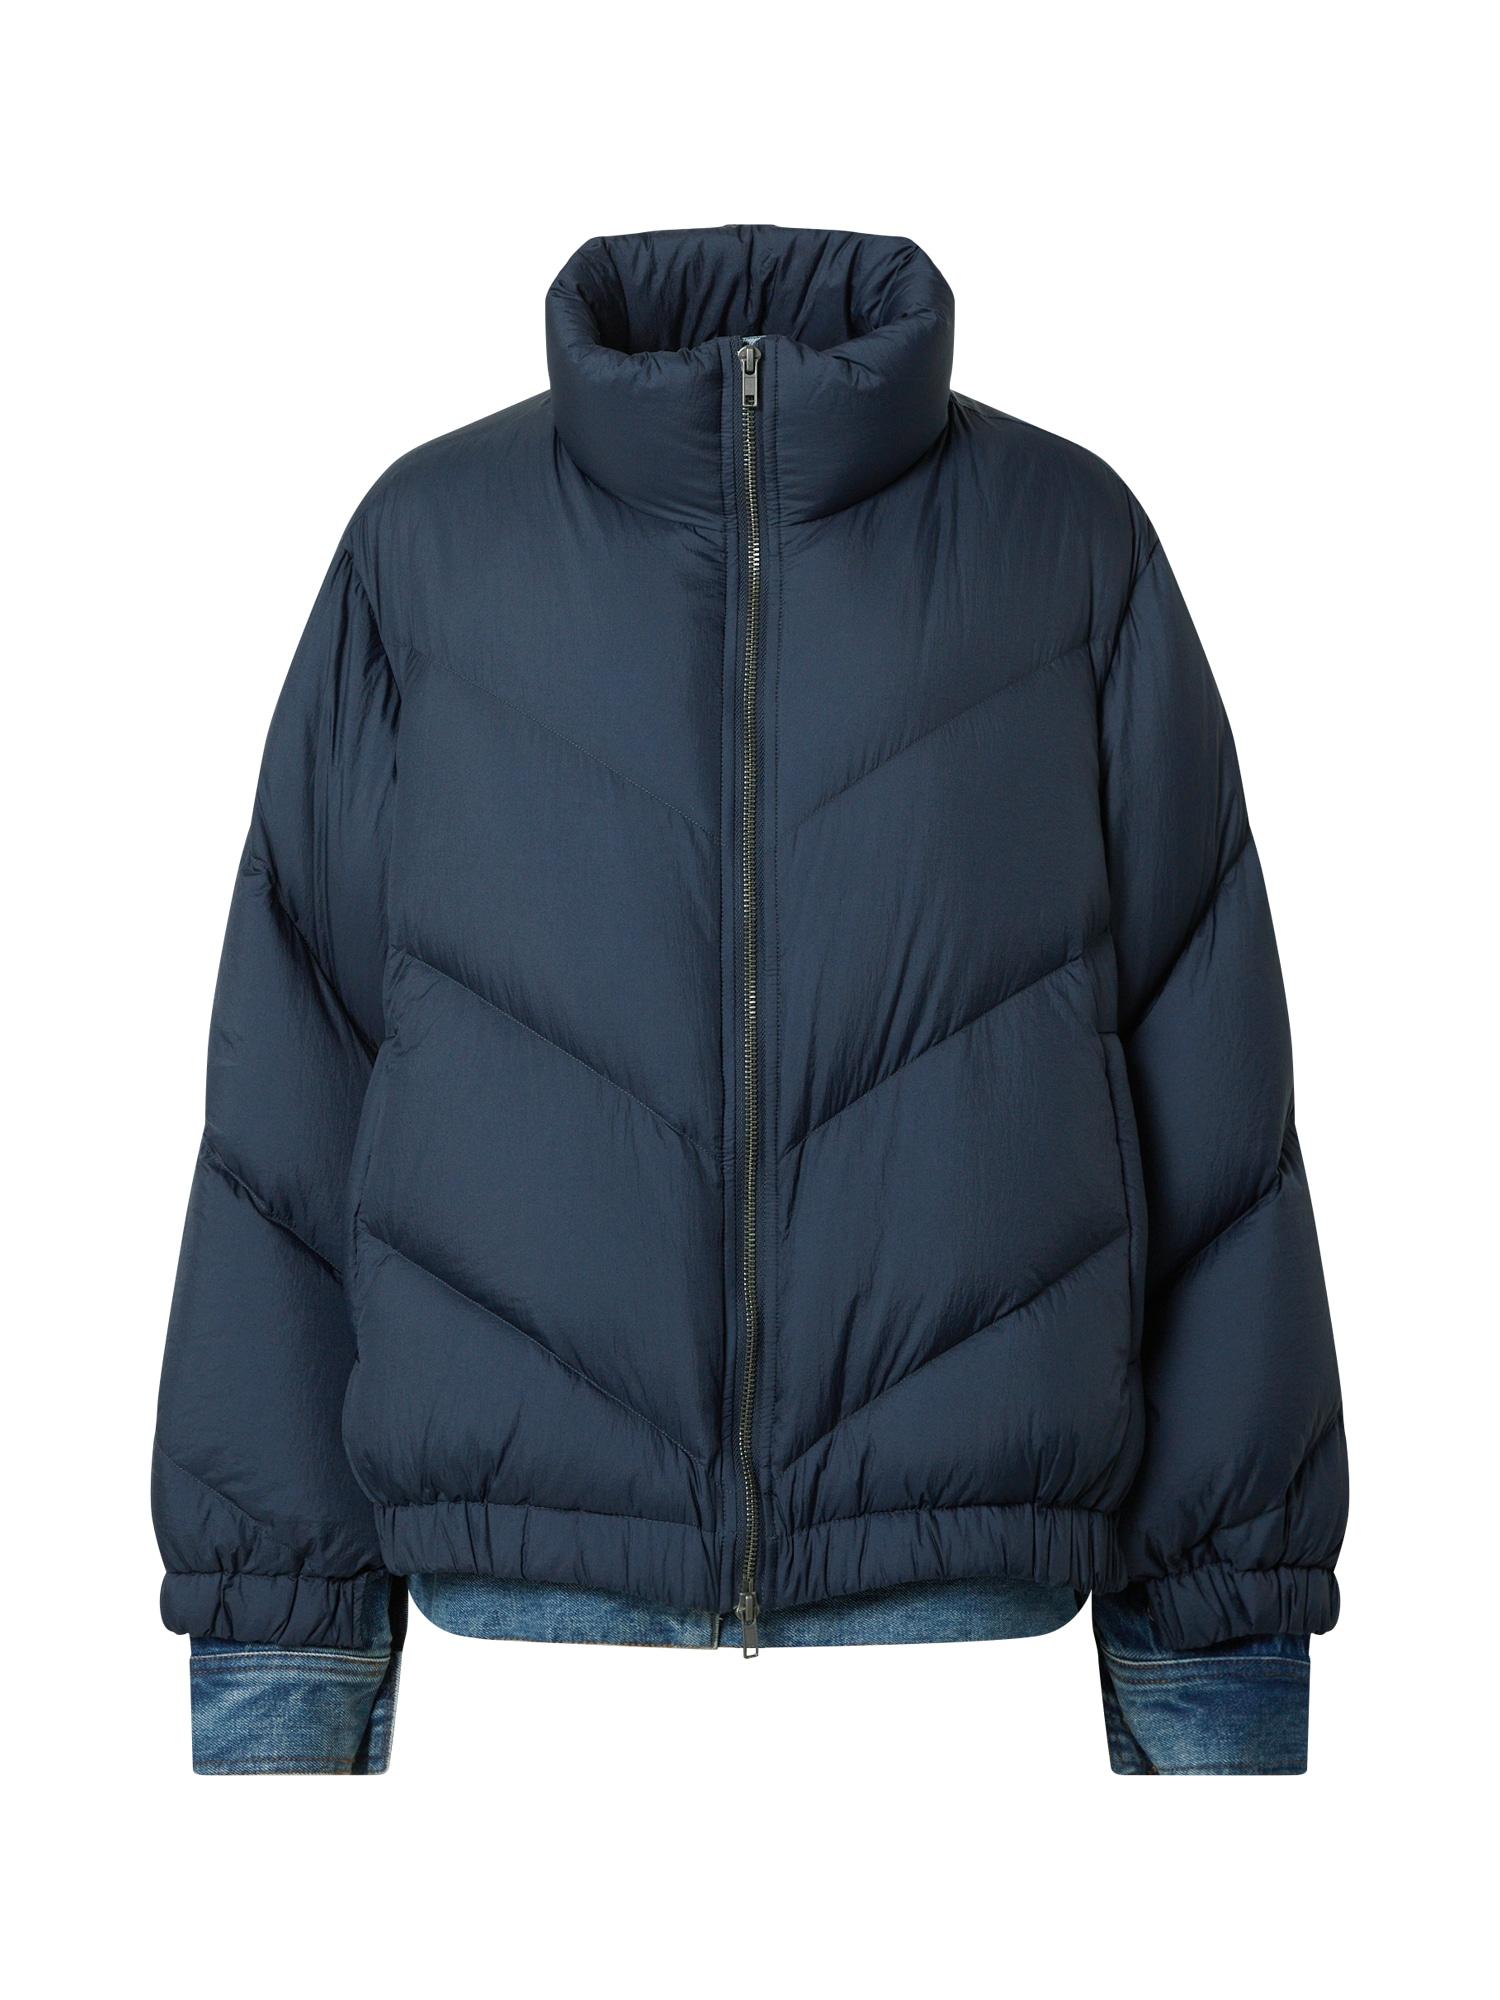 JNBY Žieminė striukė tamsiai (džinso) mėlyna / tamsiai mėlyna